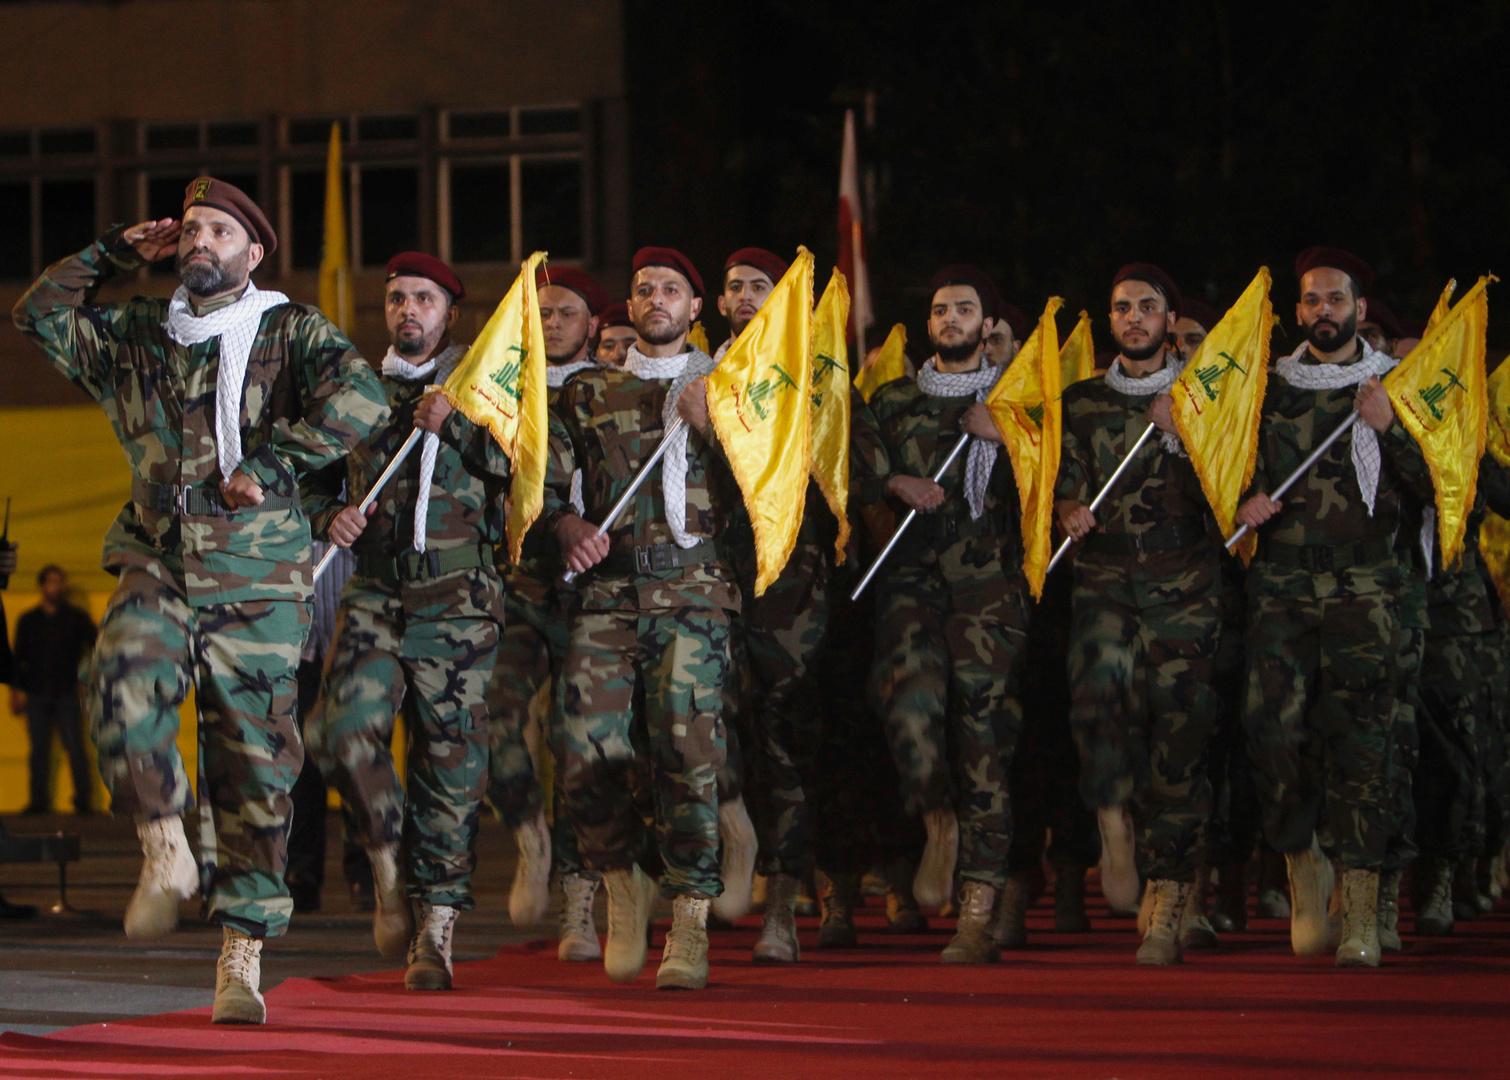 غانتس: حزب الله سيدفع ثمنا باهظا في حال وقوع مواجهة عسكرية مع لبنان